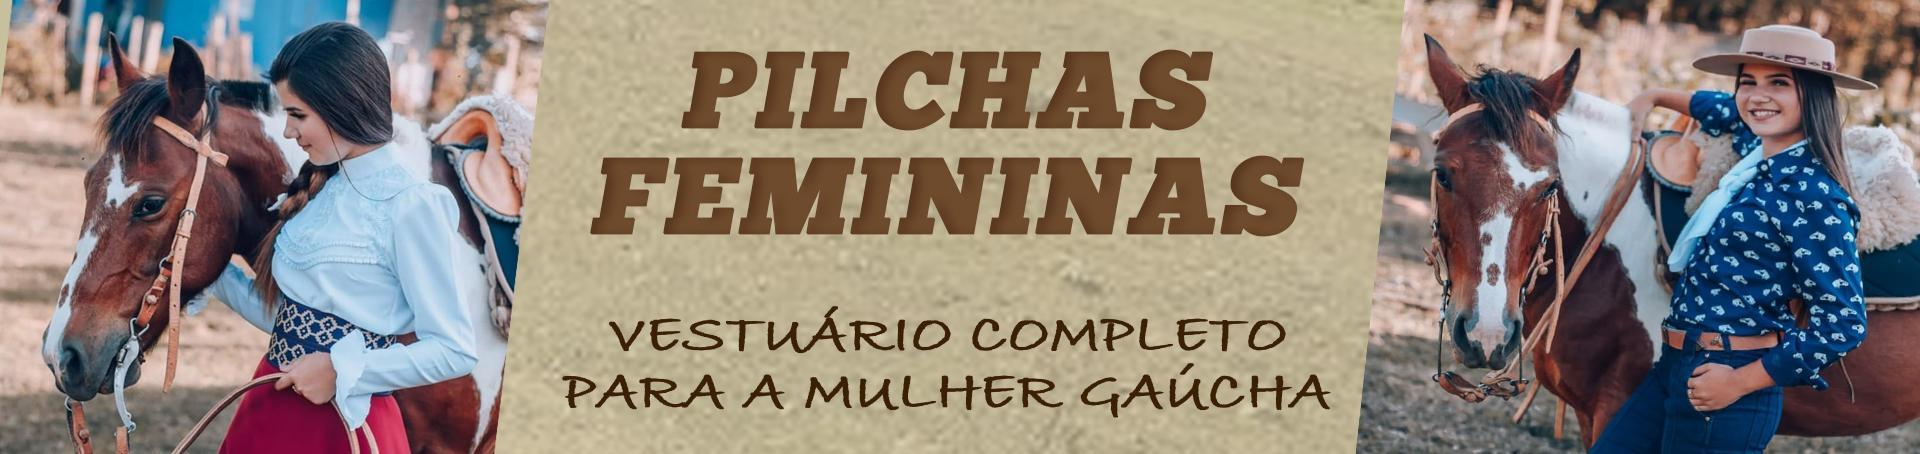 Pilchas Femininas